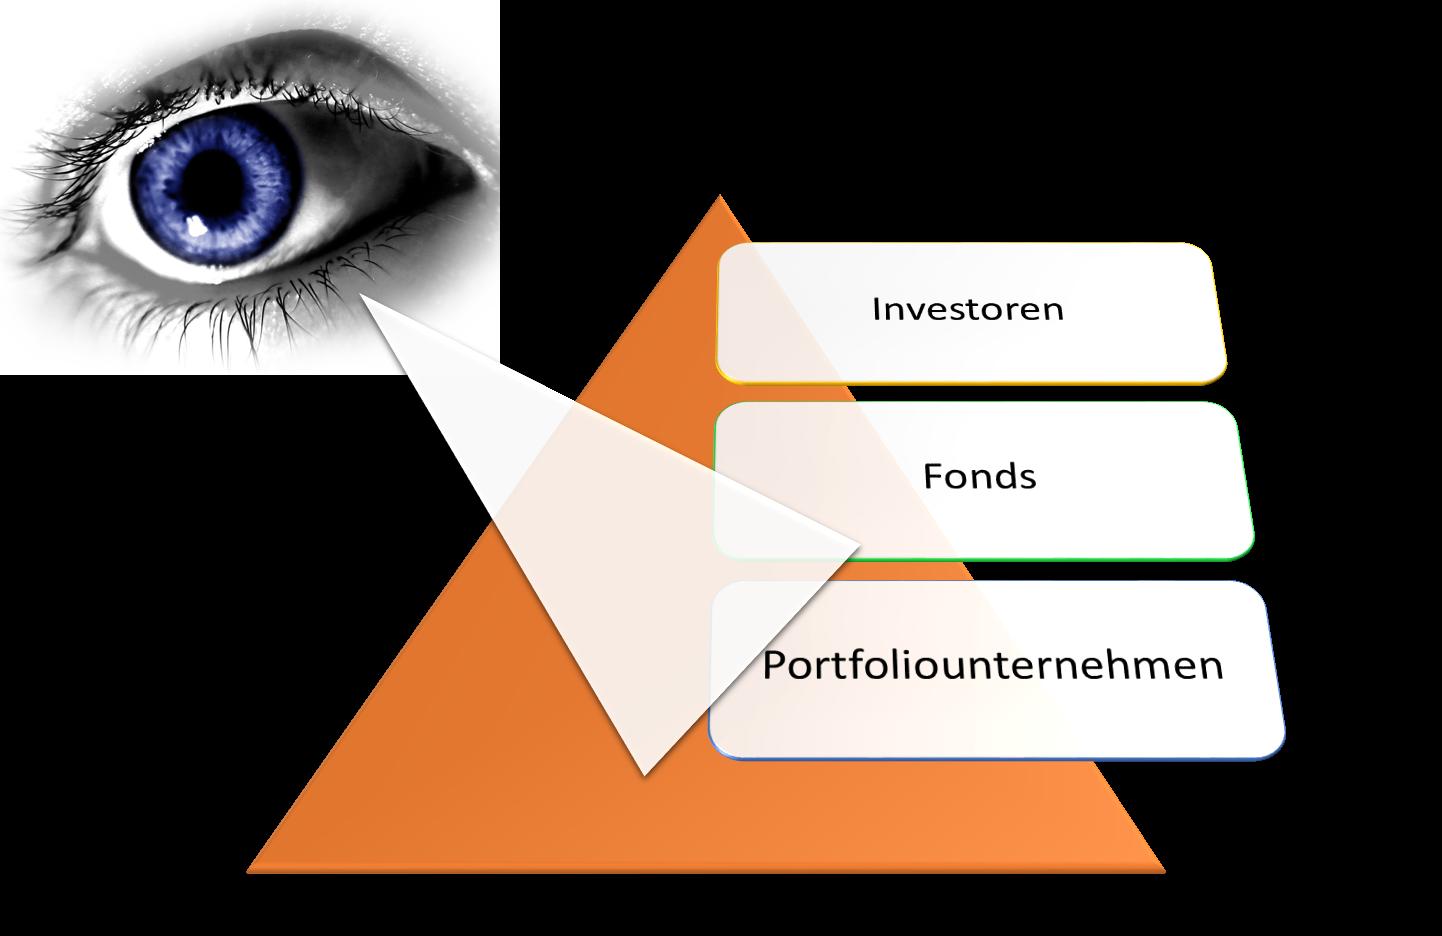 Blickwinkel: Sicht des Portfoliounternehmens